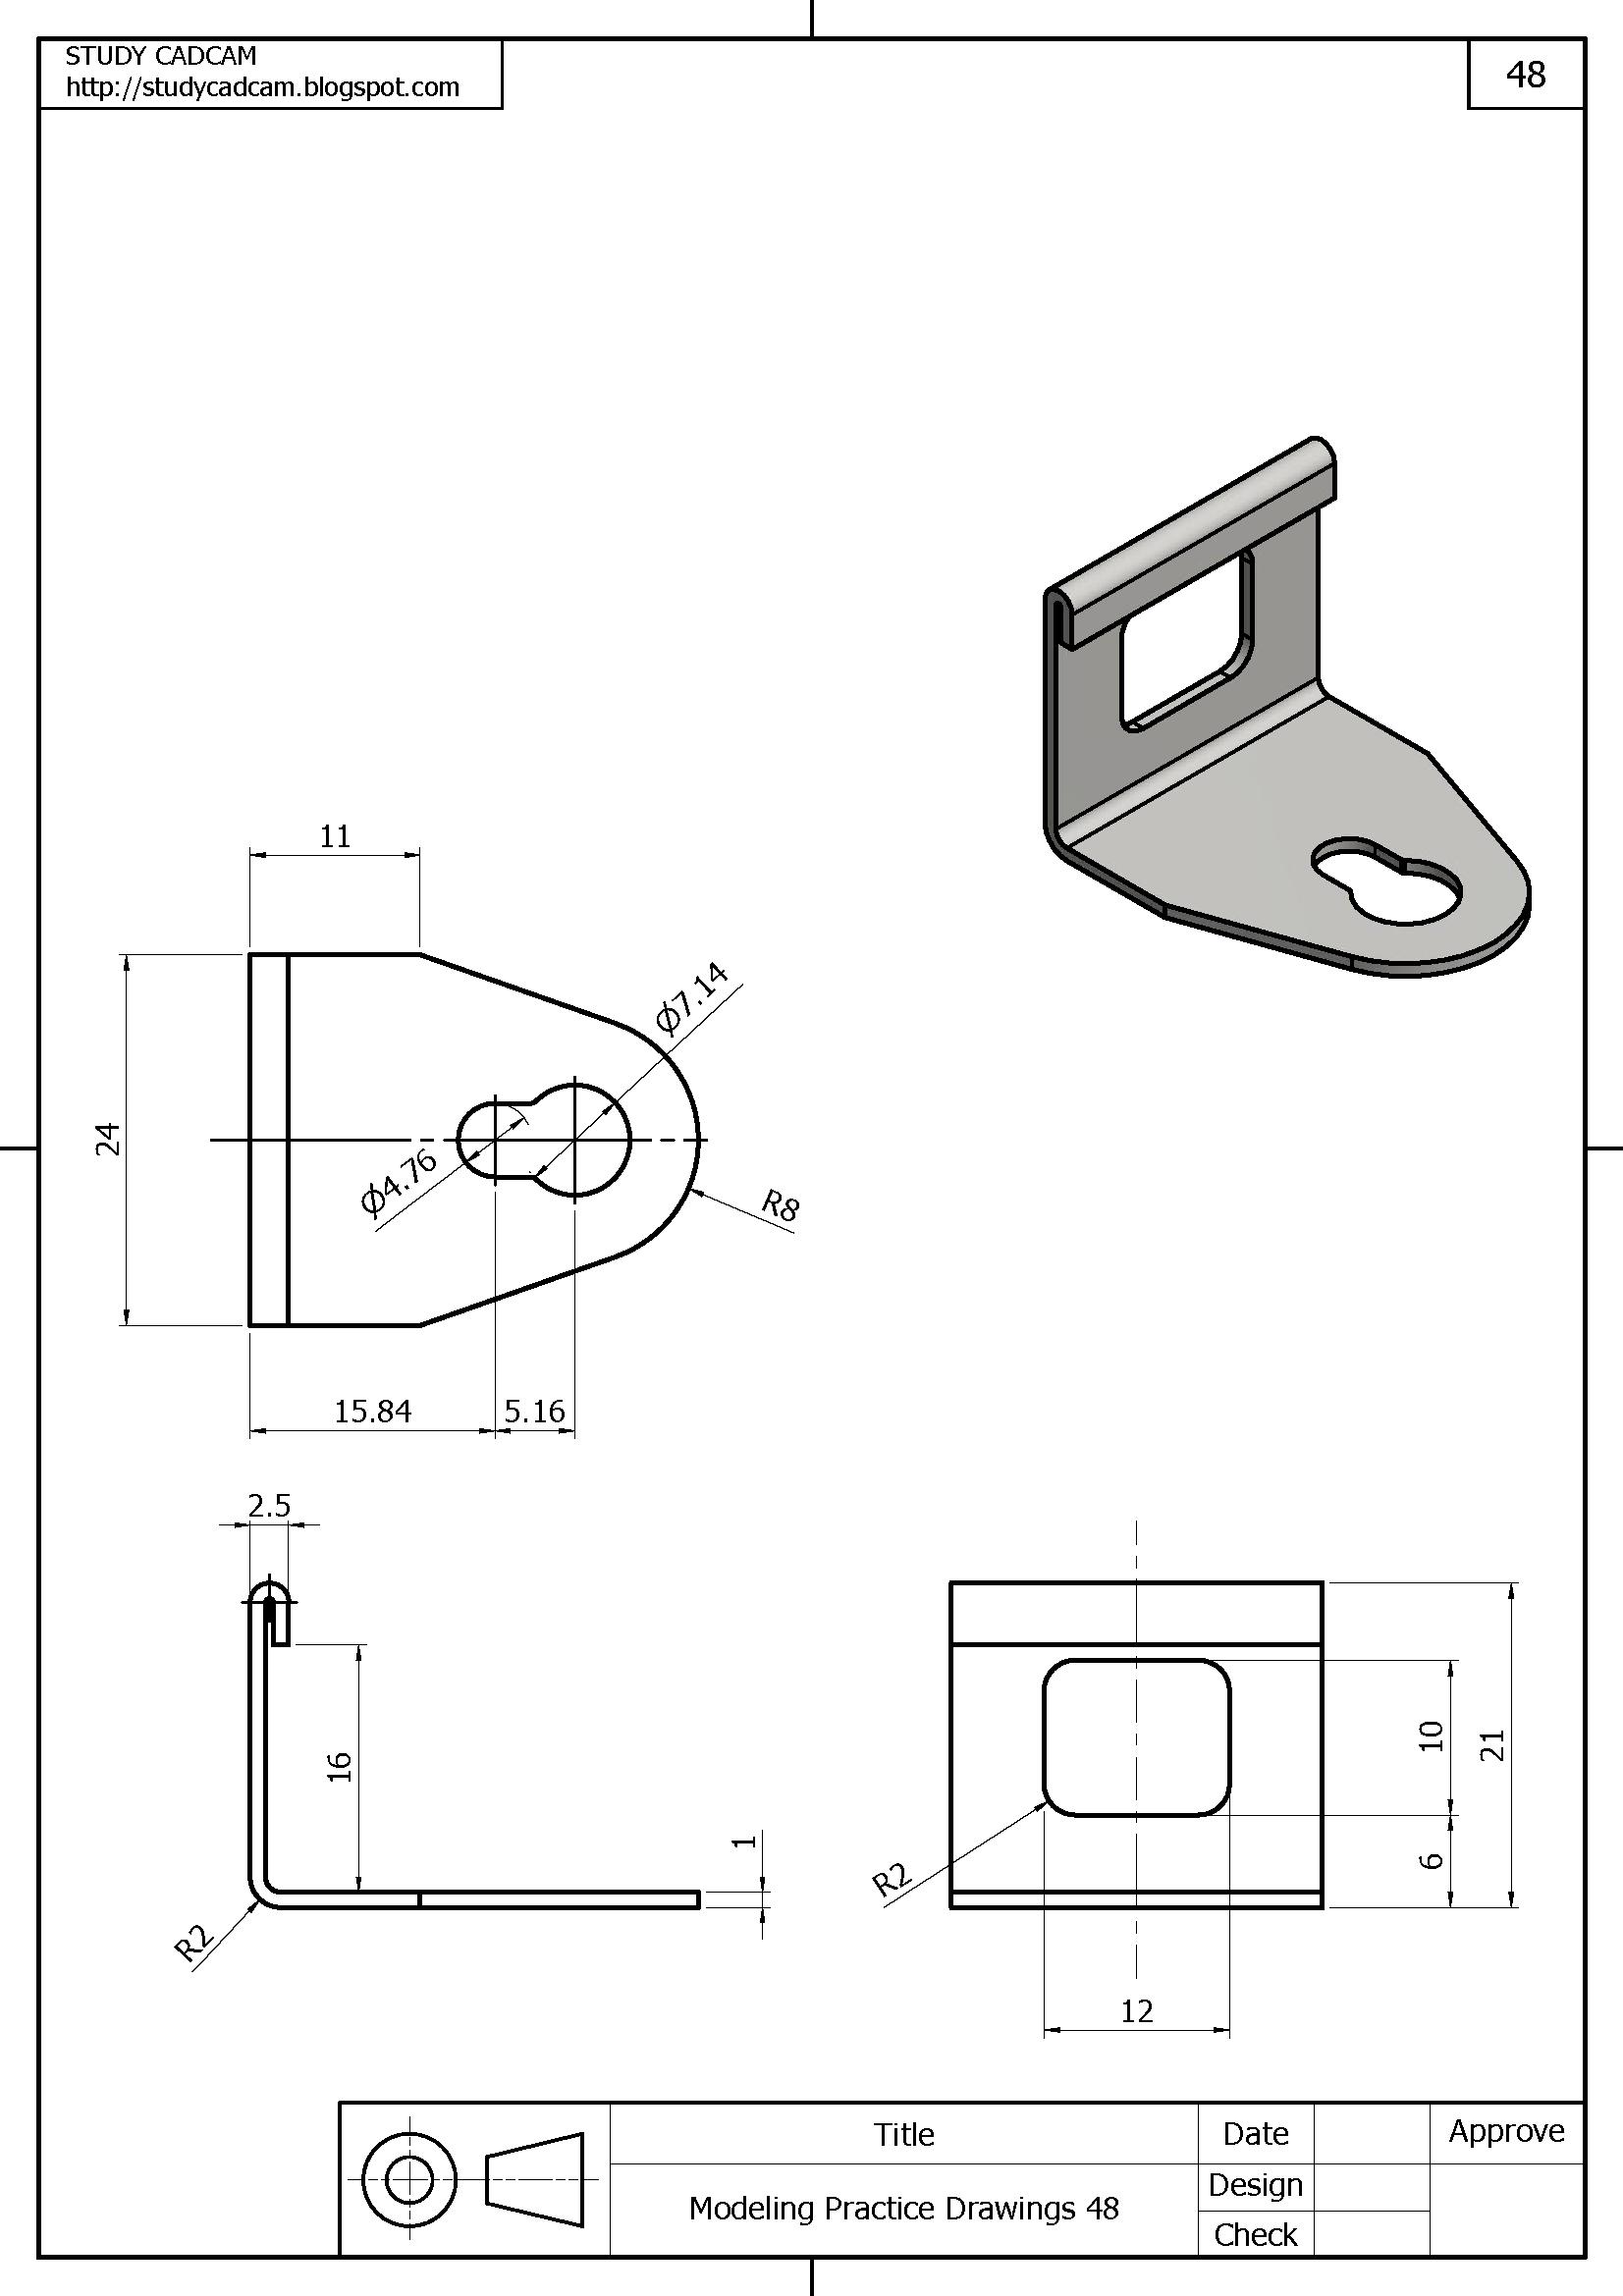 Pin By Droszczak On 3d Modeling Practice Sheet Metal Drawing Drawing Sheet Technical Drawing